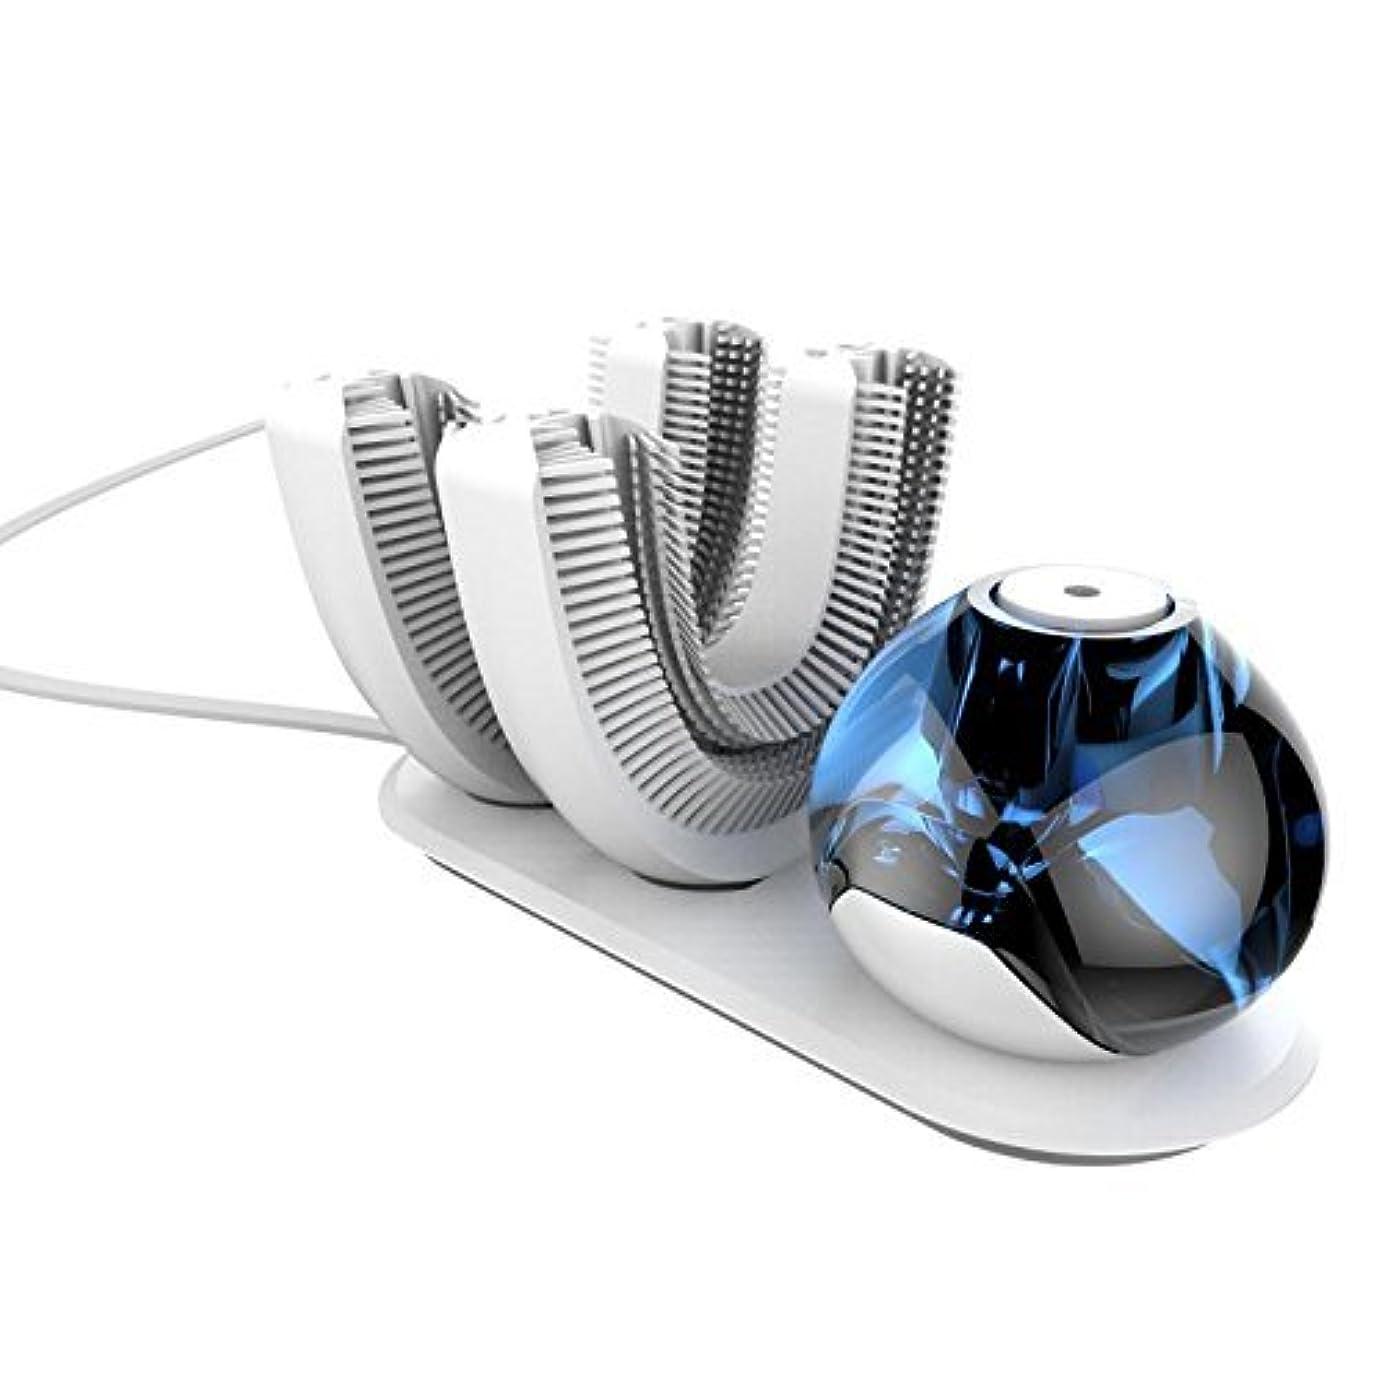 聞くバナー破壊的な怠け者牙刷-電動 U型 超音波 専門370°全方位 自動歯ブラシ ワイヤレス充電 成人 怠け者 ユニークなU字型のマウスピース わずか10秒で歯磨き 自動バブル 2本の歯ブラシヘッド付き あなたの手を解放 磁気吸引接続 (ダークブルー)